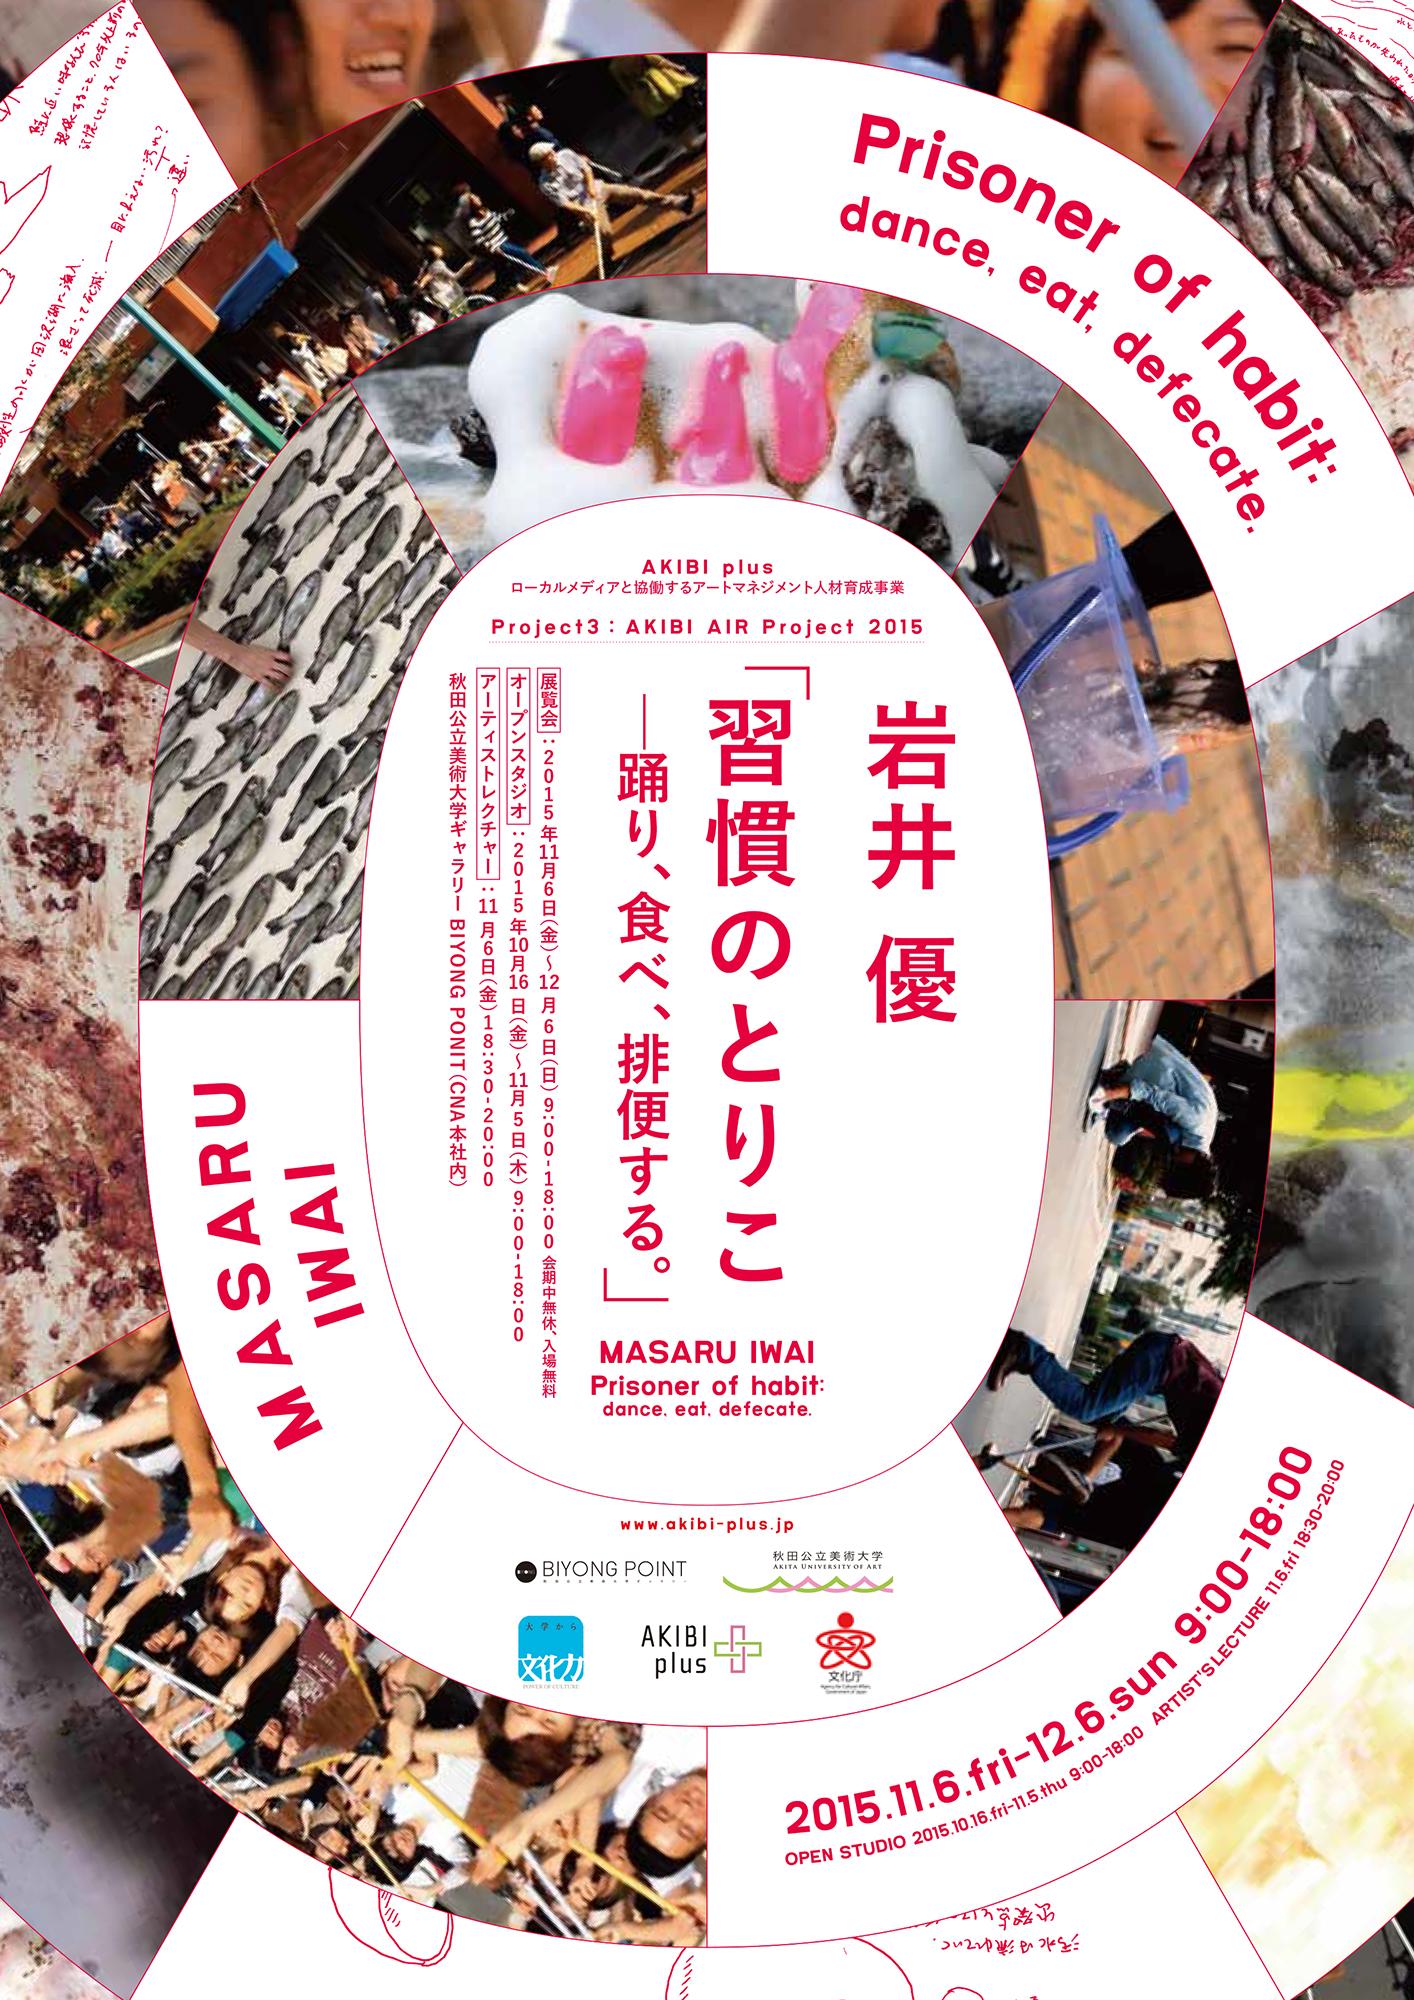 【トークのとりこ】「花のアラフォー3人組、食べていくためのアートとは in 秋田」